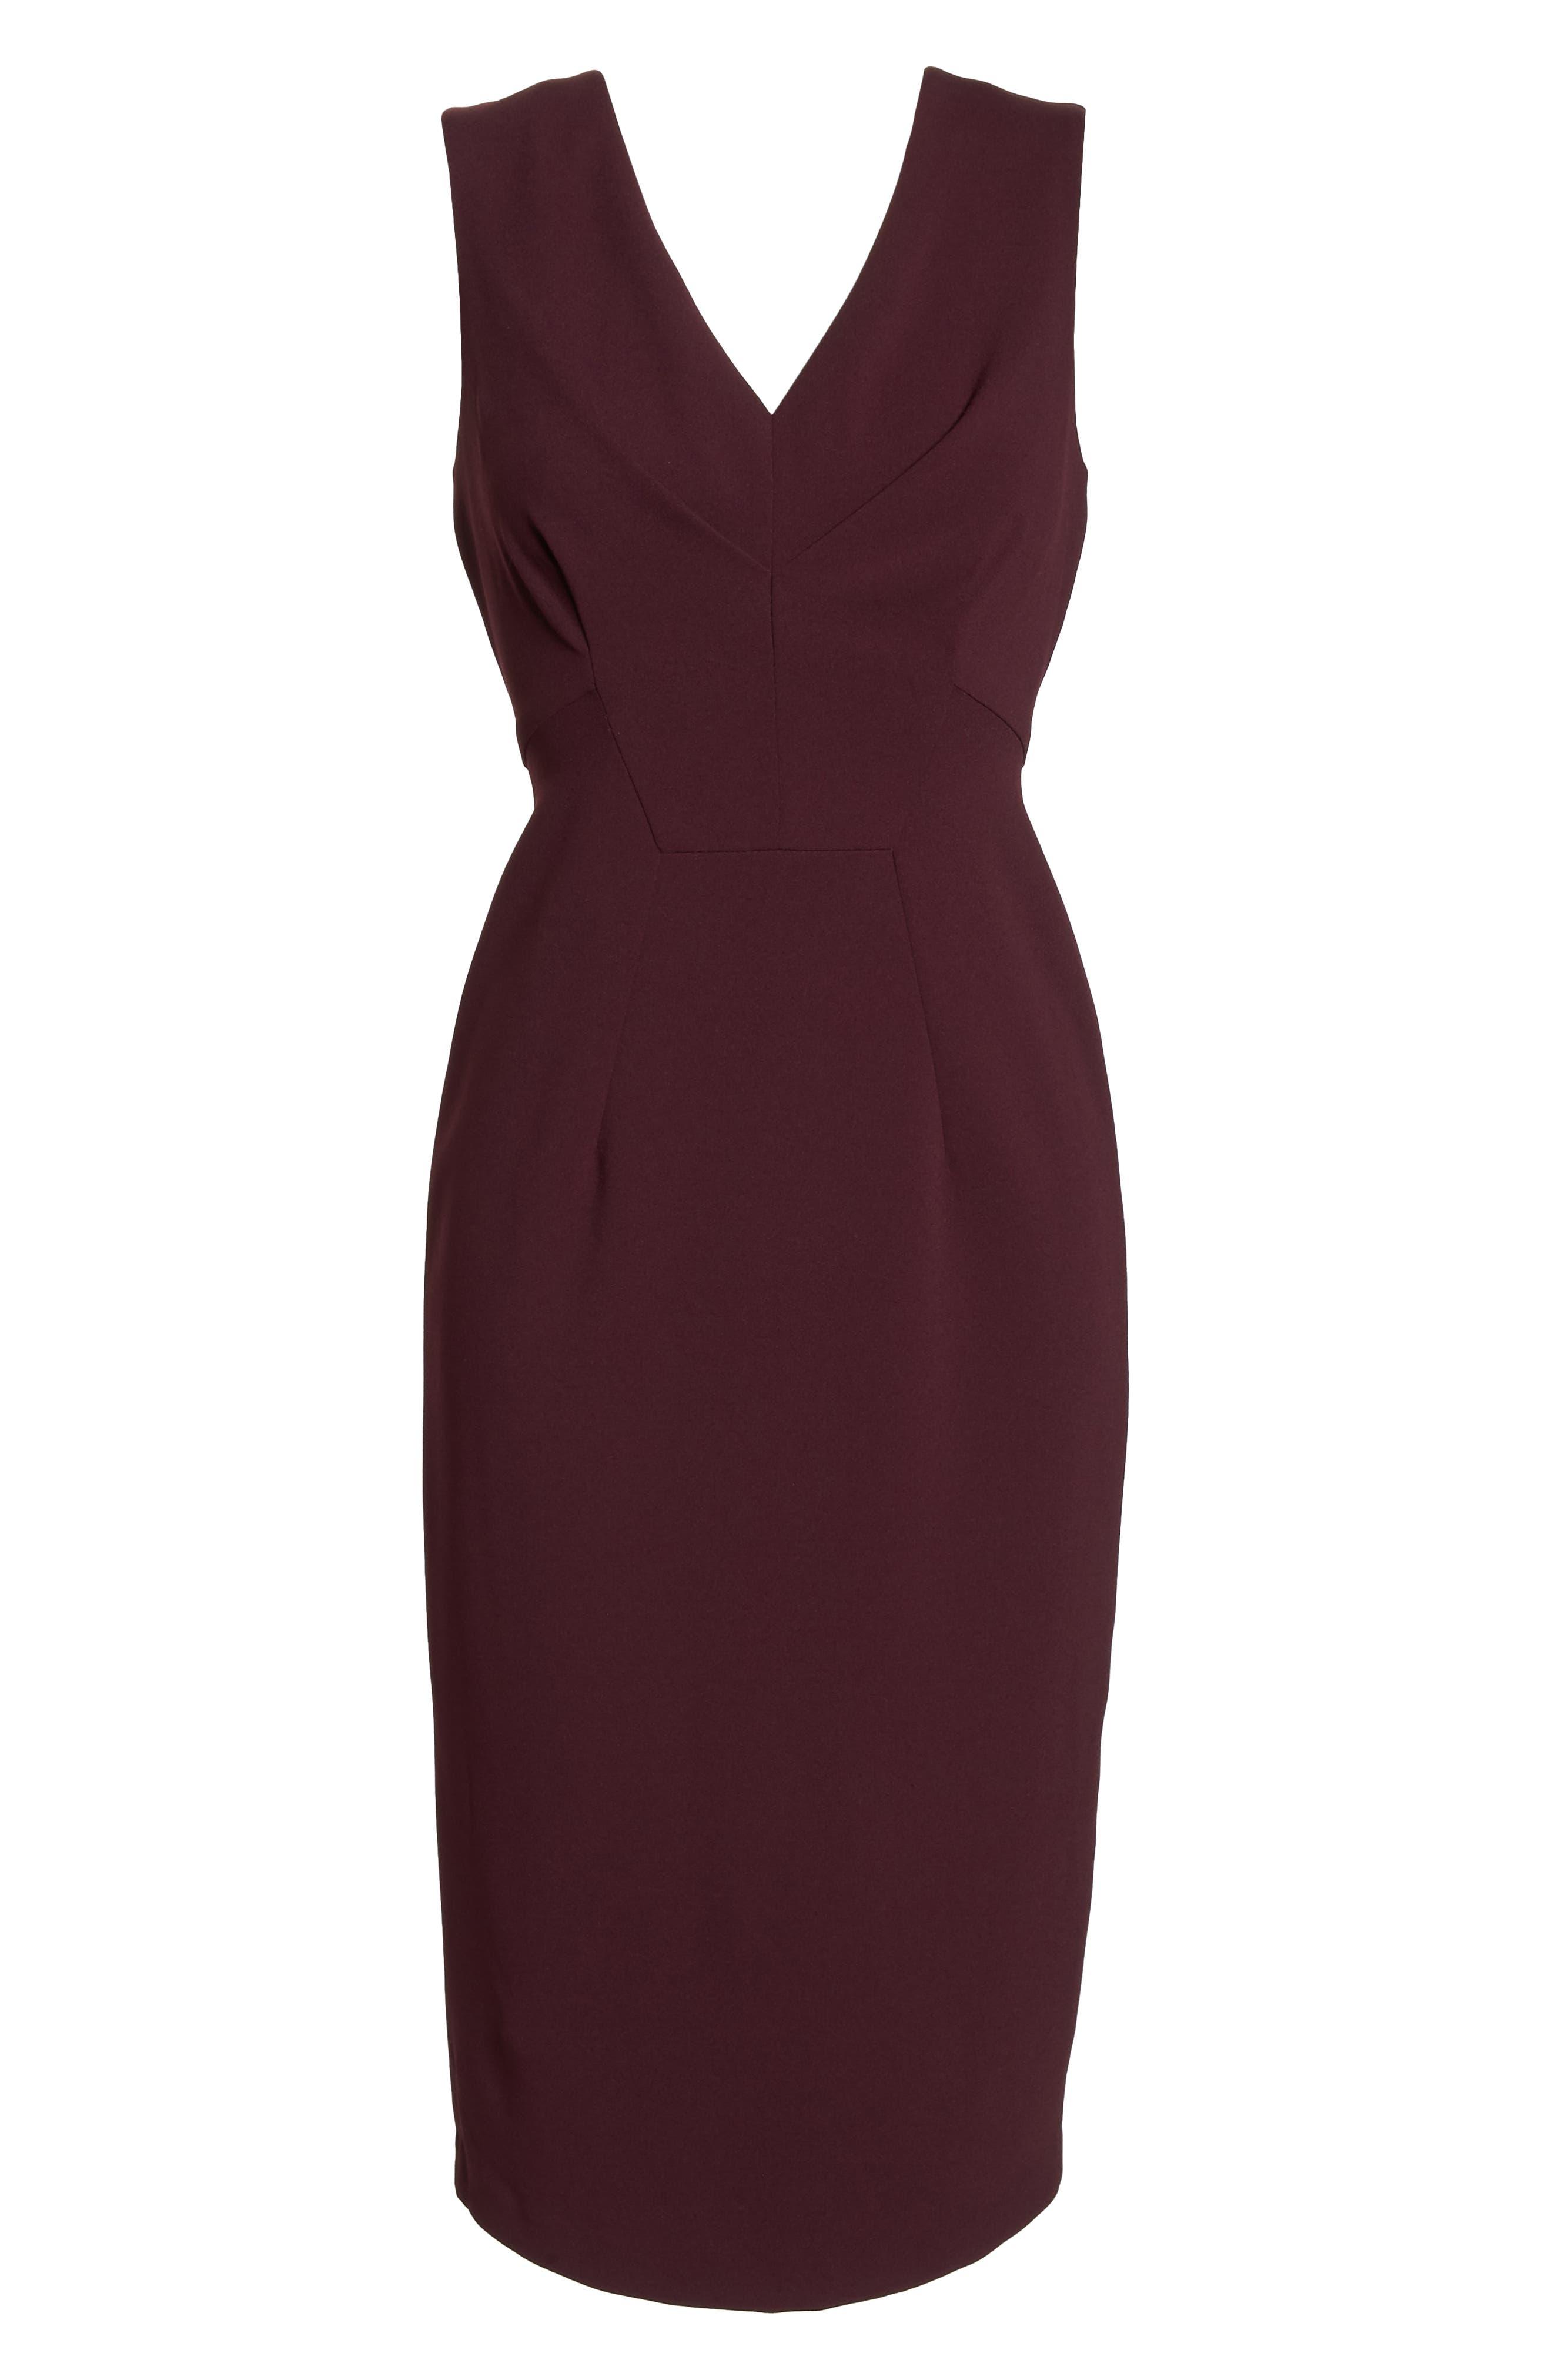 Ava Gardner Sheath Dress,                             Alternate thumbnail 7, color,                             930